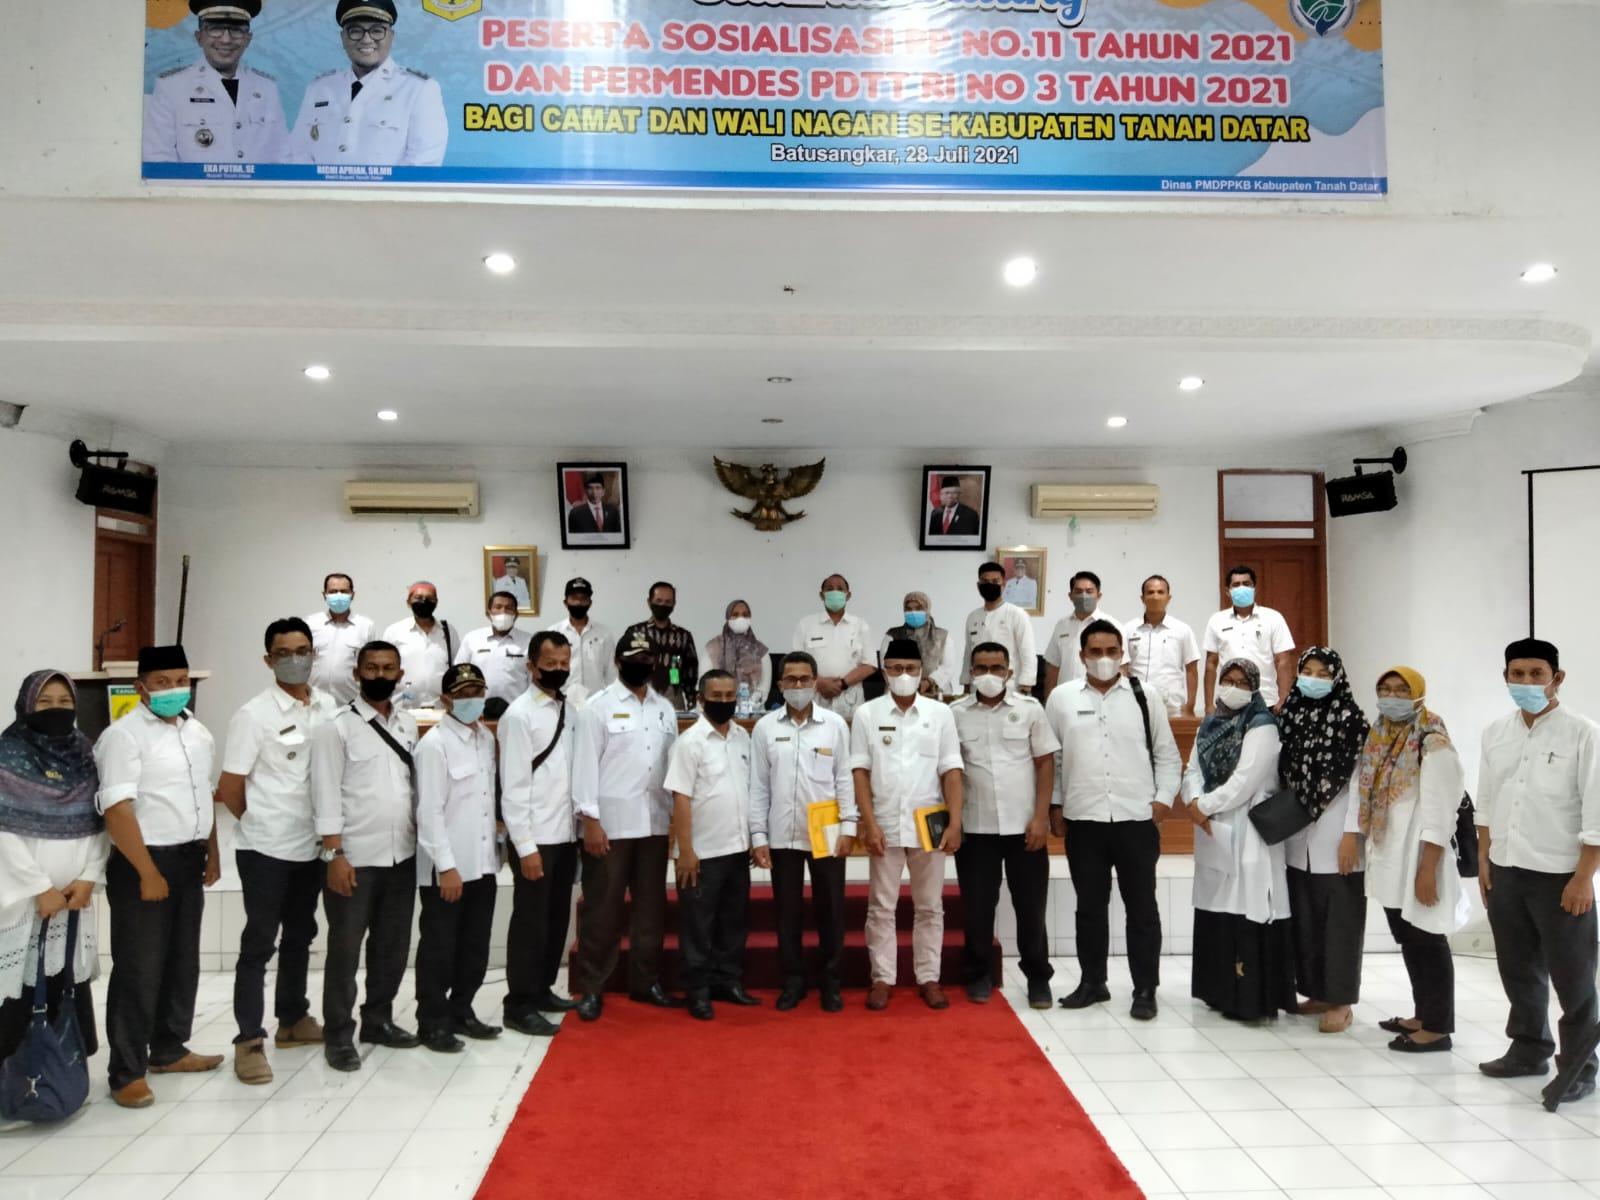 Kadis PMD ; Camat dan Wali Nagari Wajib Mendorong Kemajuan Bumnag